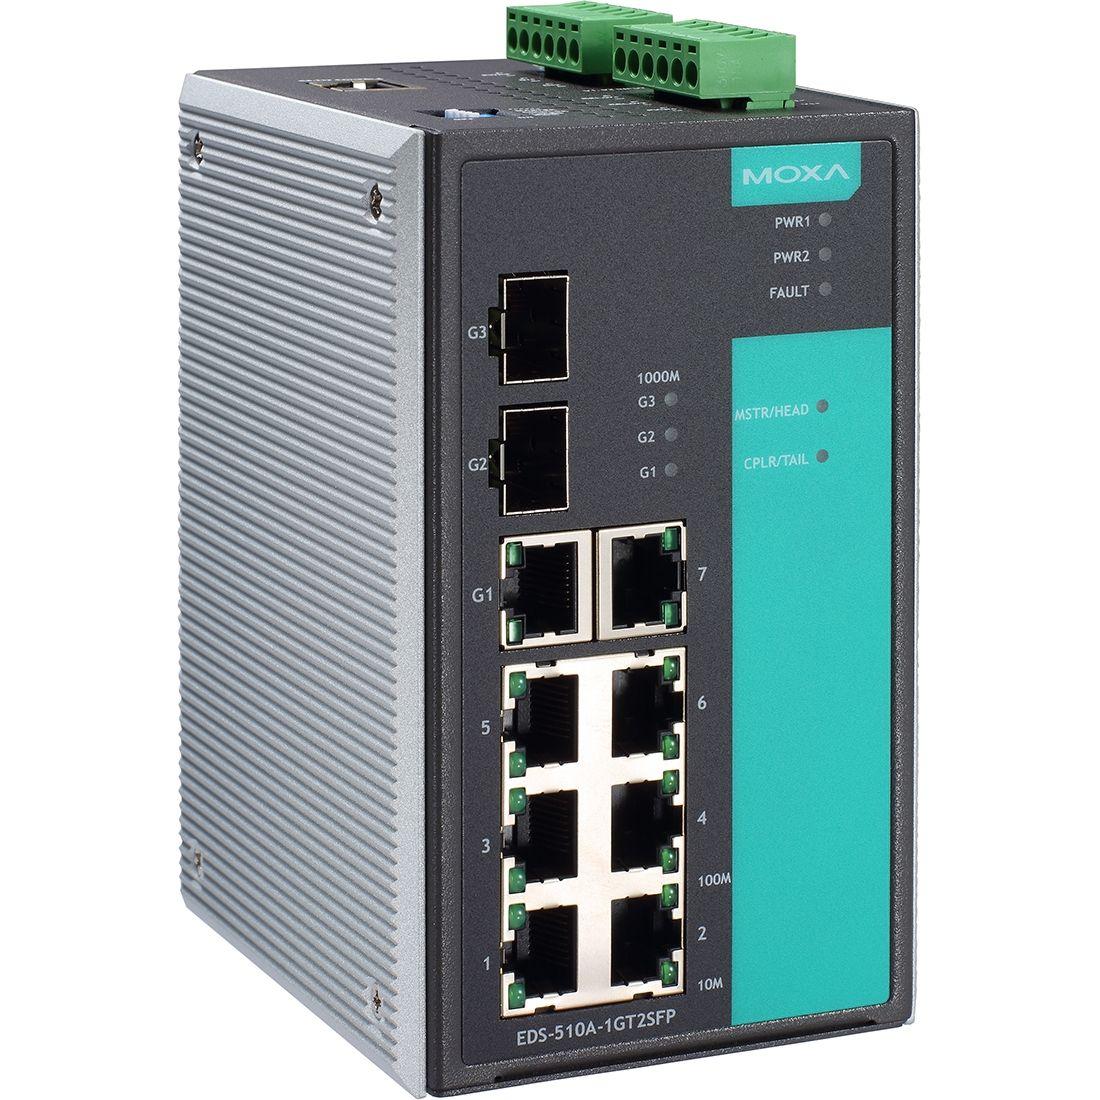 EDS-510A-1GT2SFP